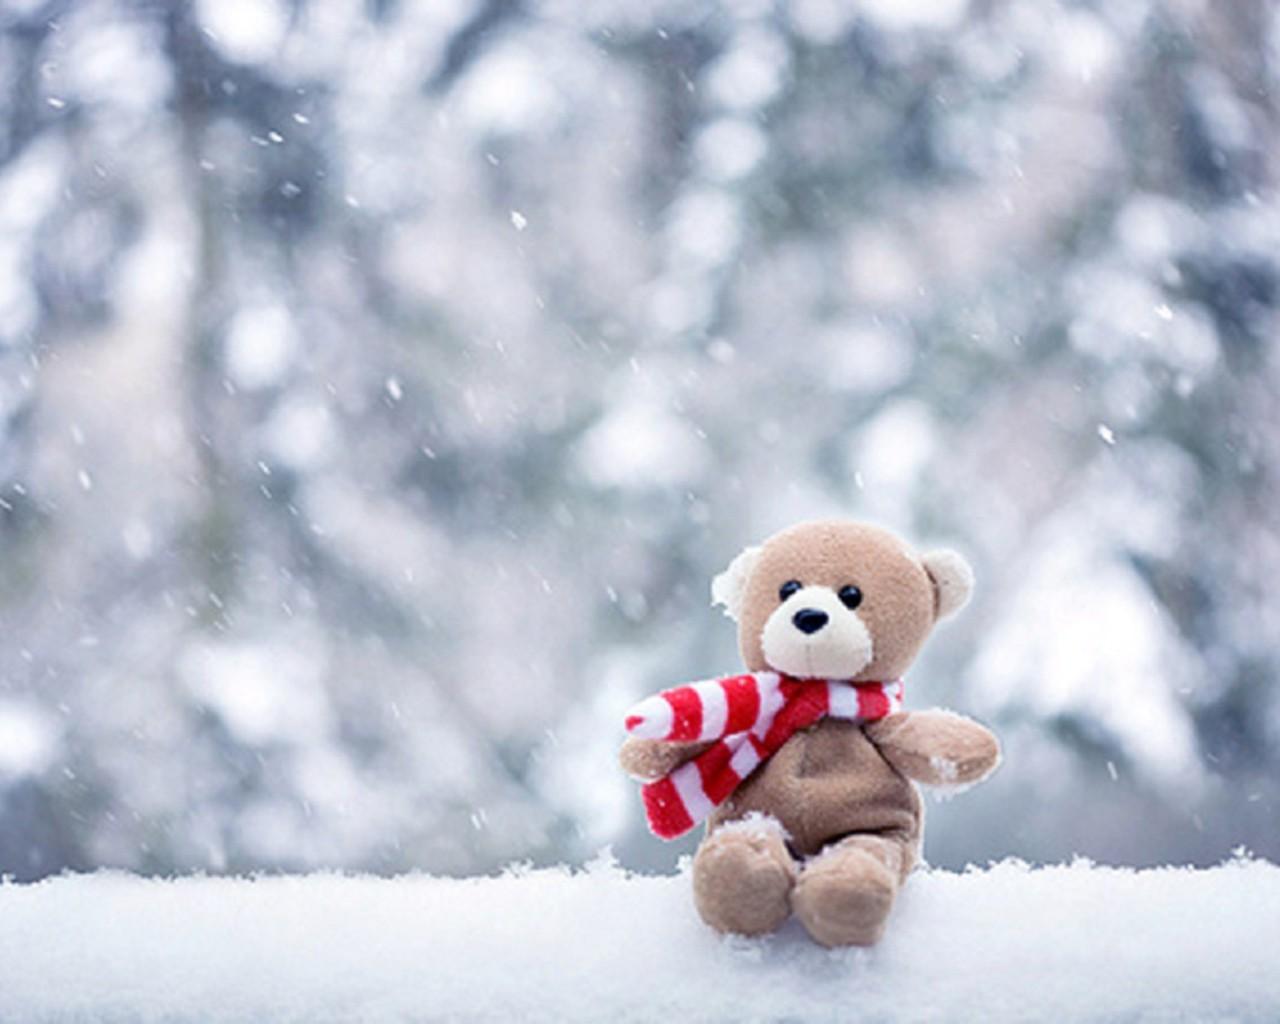 20 Full Size Cute Teddy Bears HD Wallpapers 1280x1024